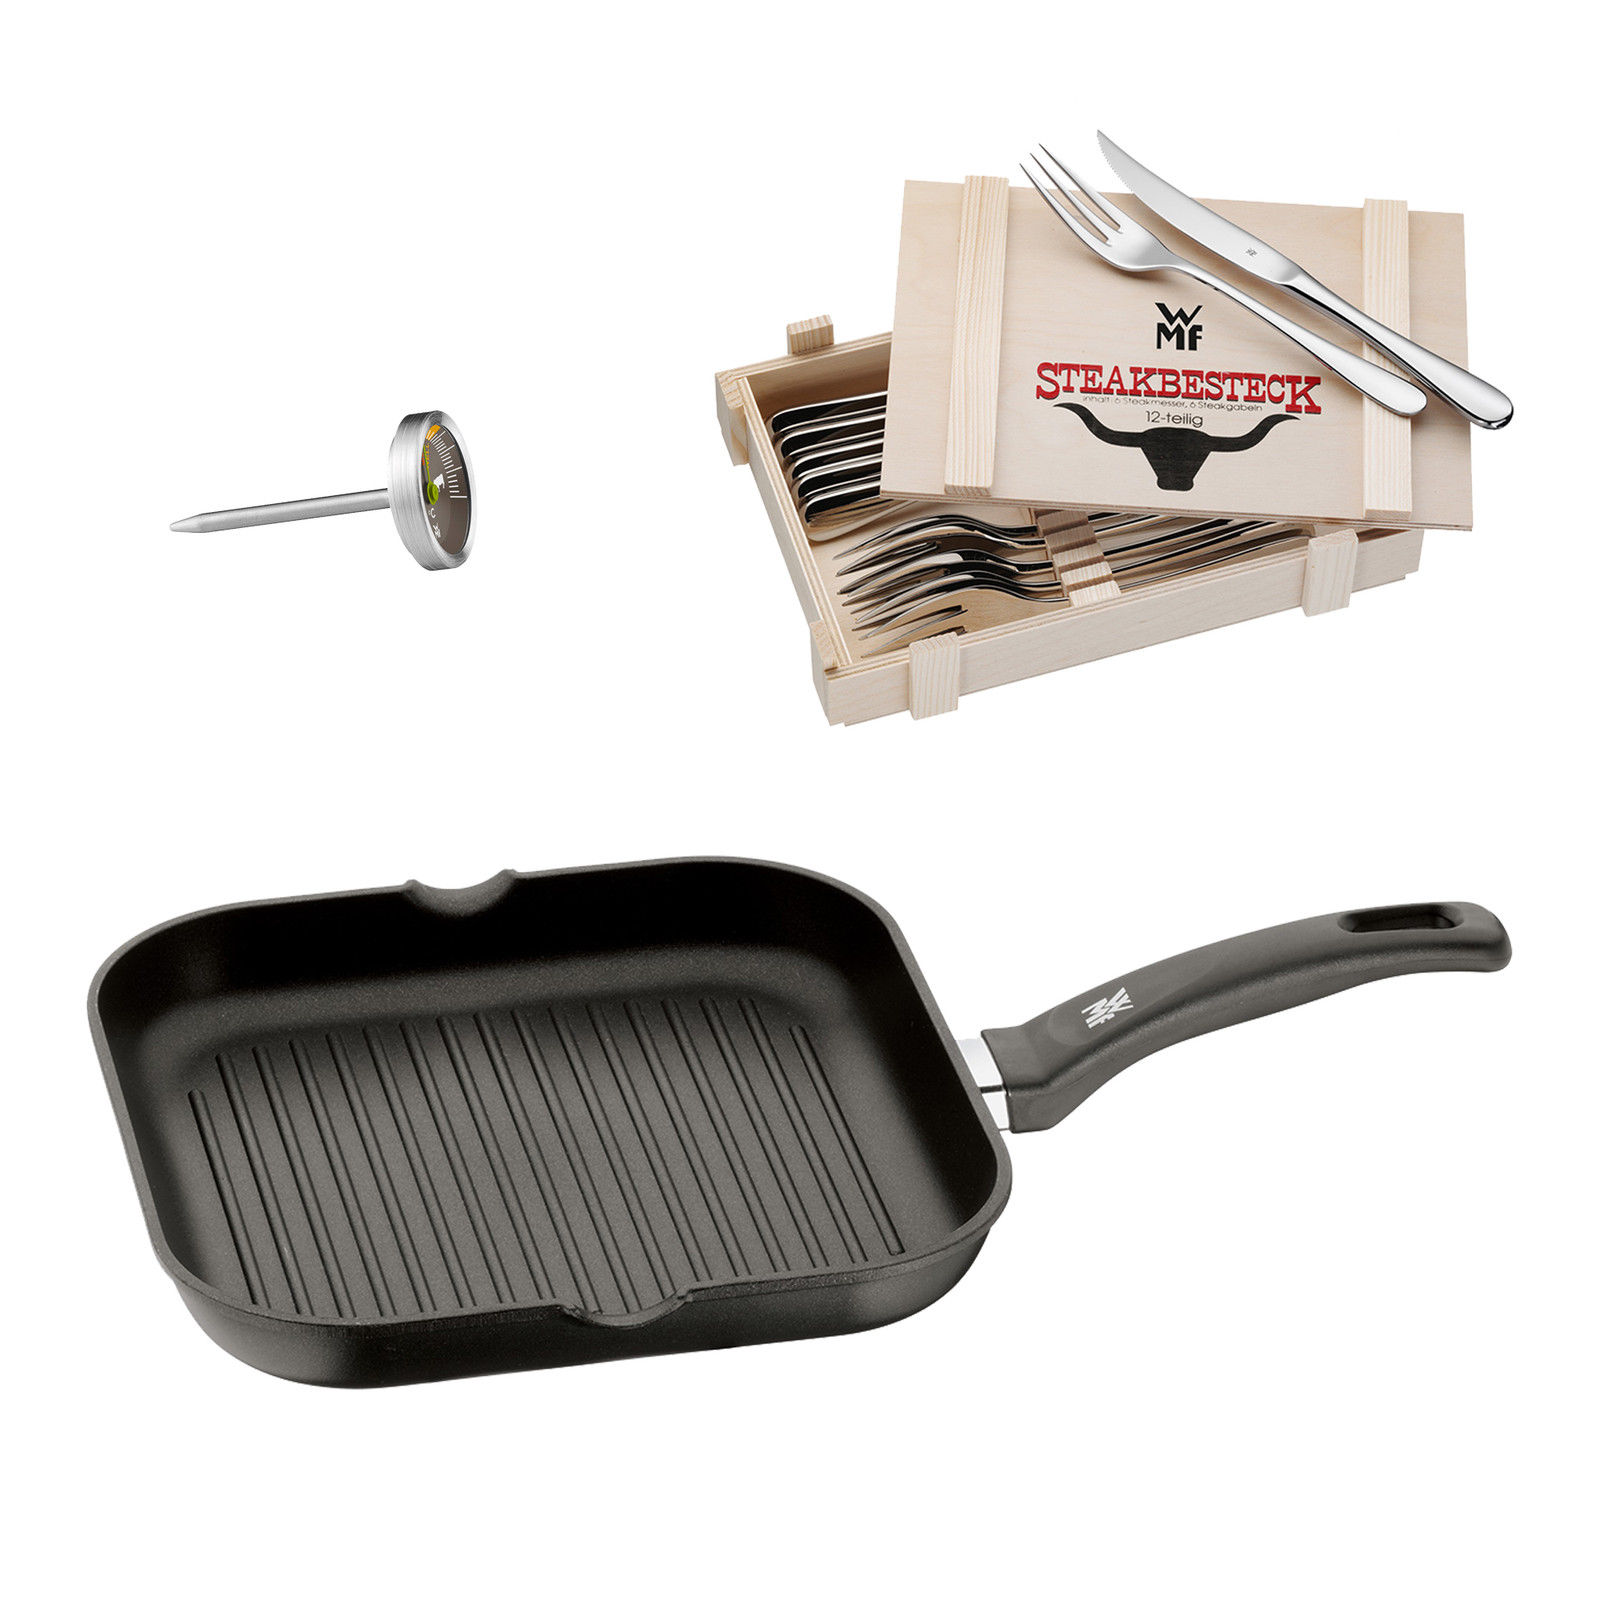 WMF Steak Set 14-tlg; Steakbesteck in Holzkiste, Grillpfanne & Steakthermometer